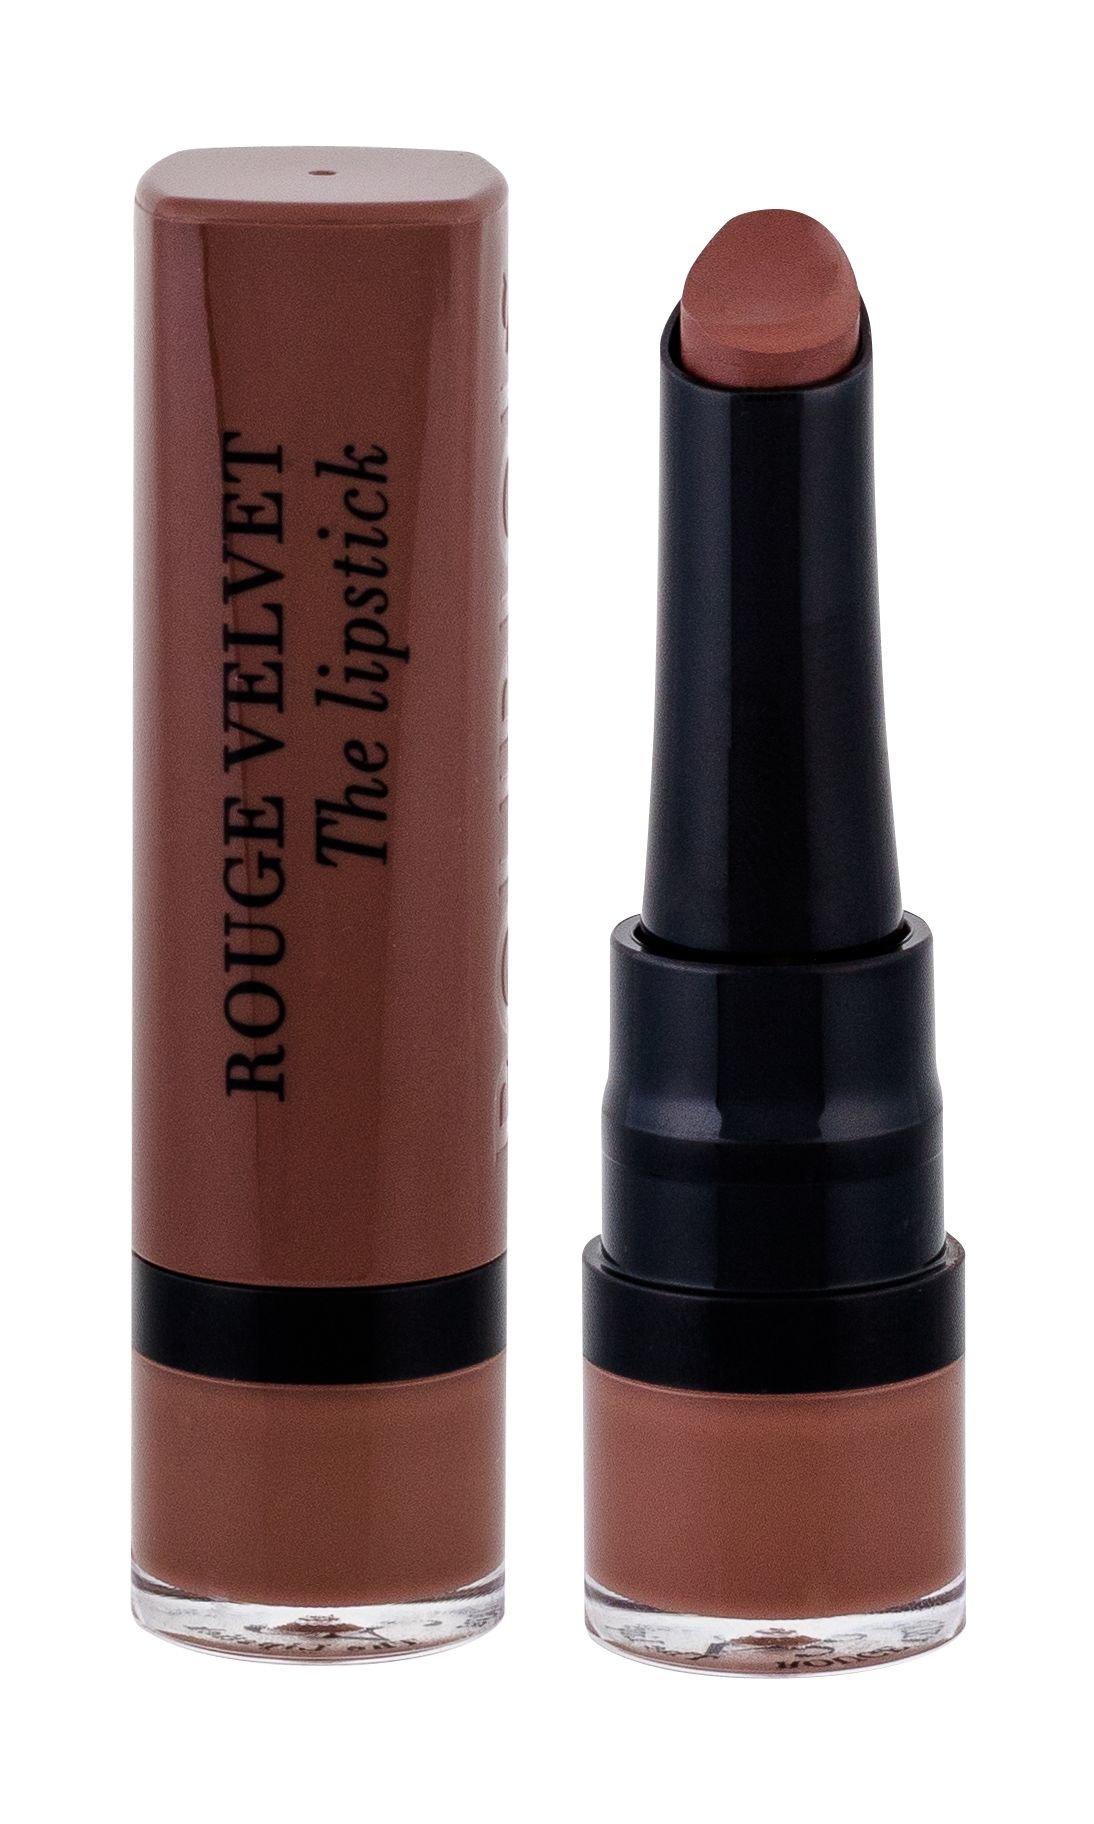 BOURJOIS Paris Rouge Velvet Lipstick 2,4ml 23 Taupe Of Paris